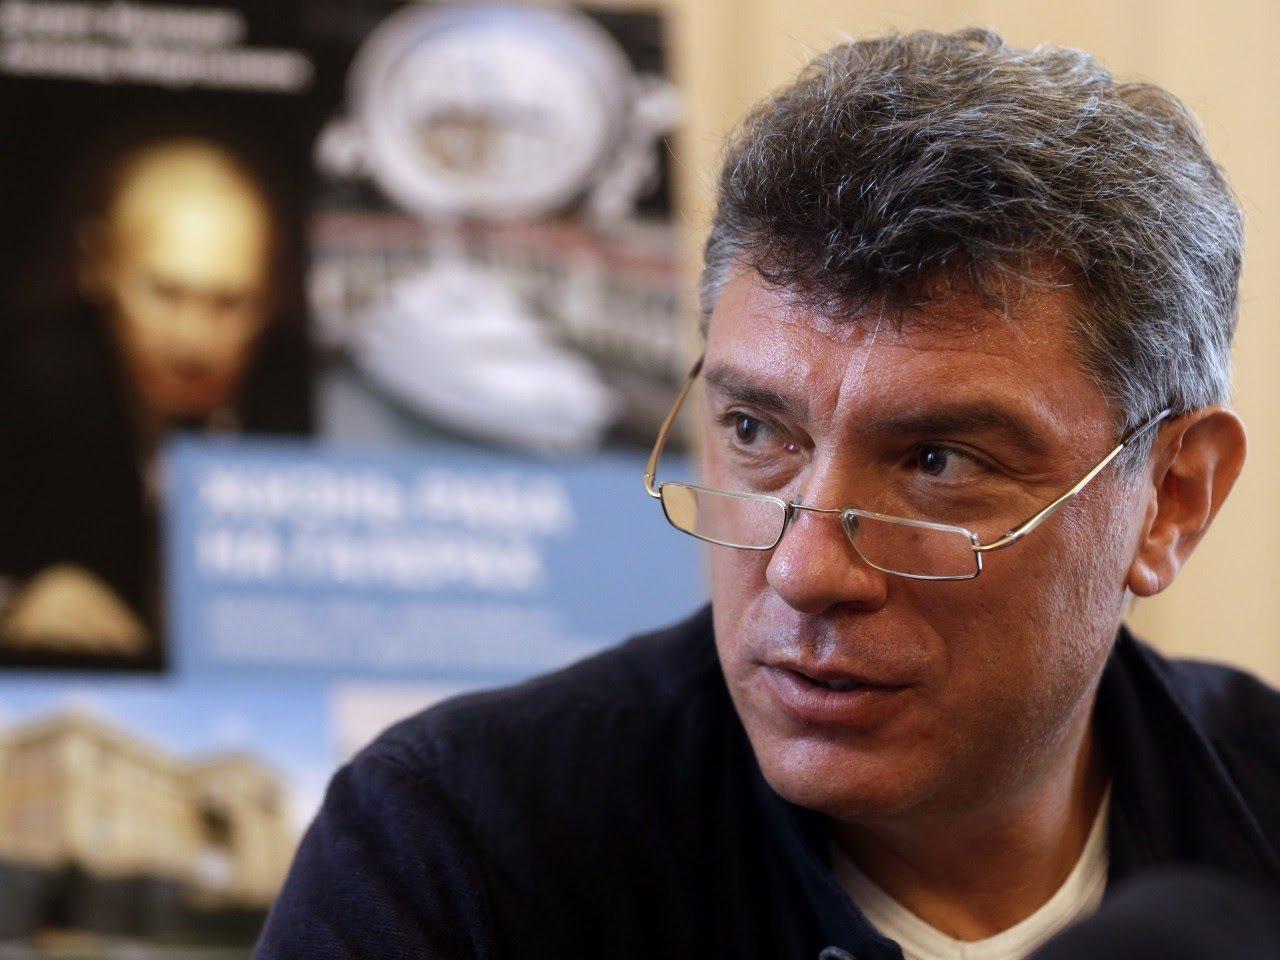 Мэр украинской столицы  предложил назвать один изскверов вчесть Немцова